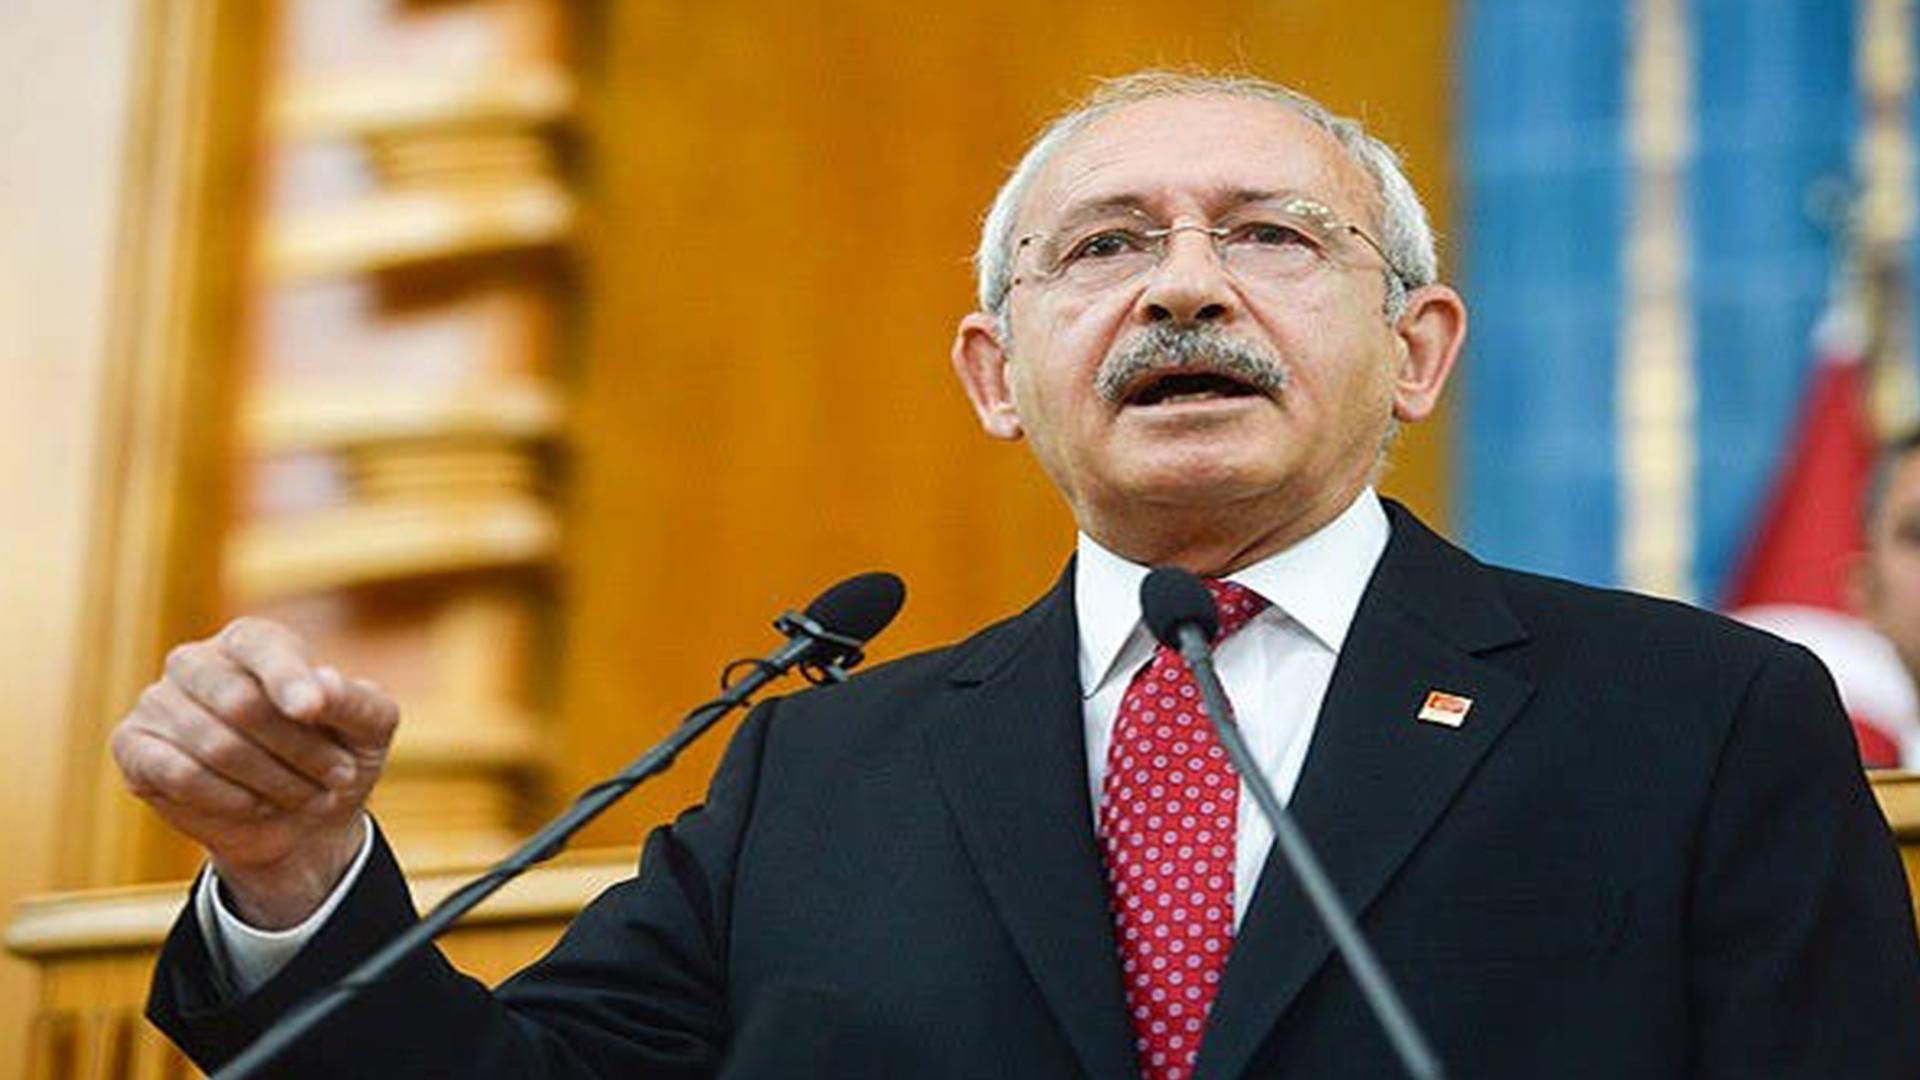 أوغلو ينتقد أردوغان: تذهب لشمال قبرص بـ6 طائرات وشعبنا يأكل من بقايا الأسواق